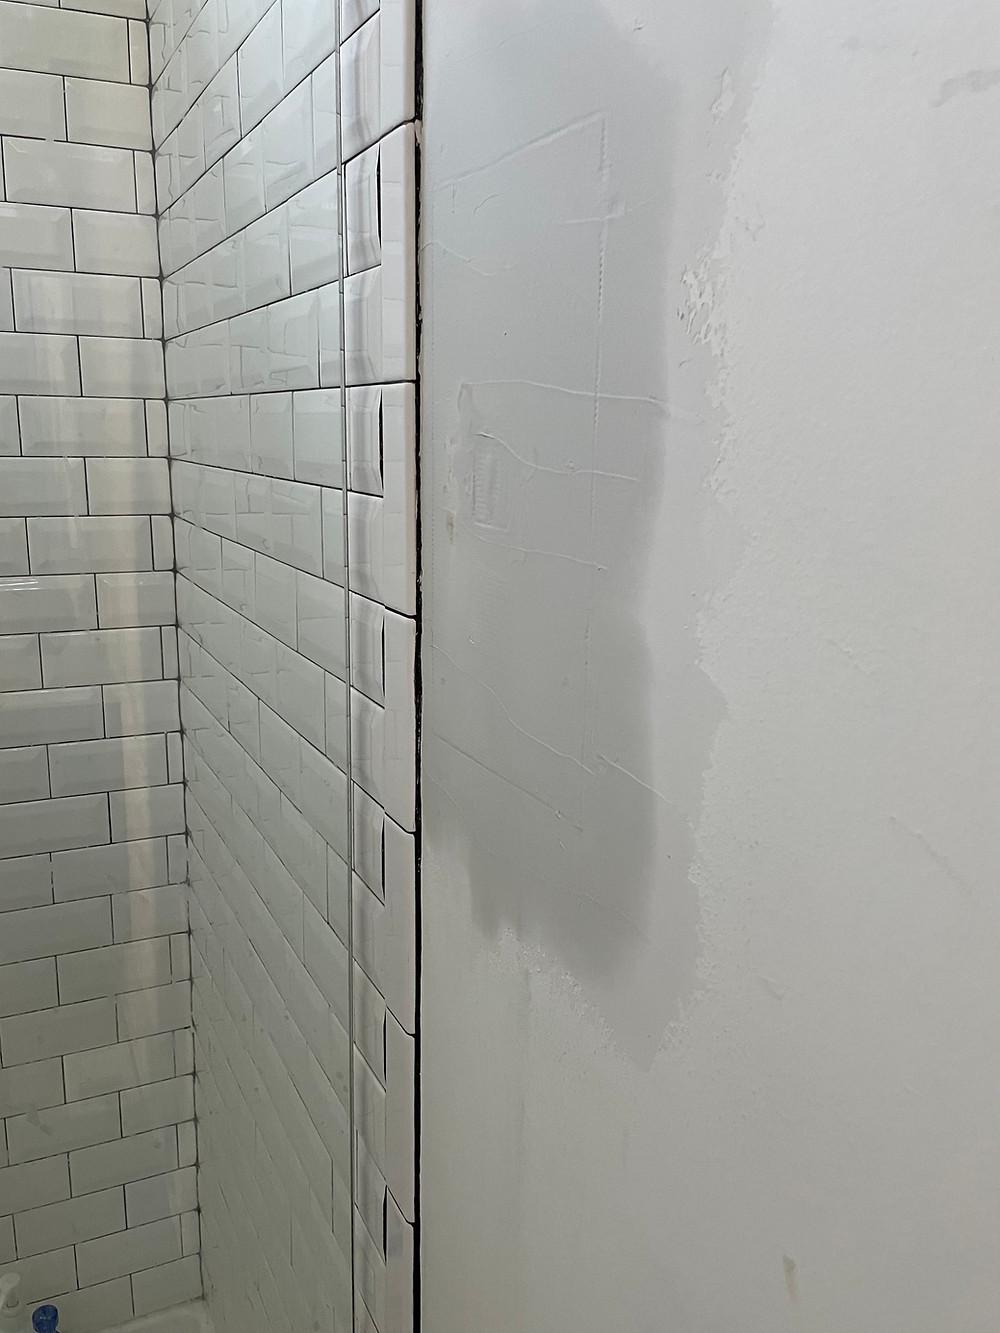 Guest Bedroom & Bathroom One Room Challenge: Week 2 #oneroomchallenge #bhgorc